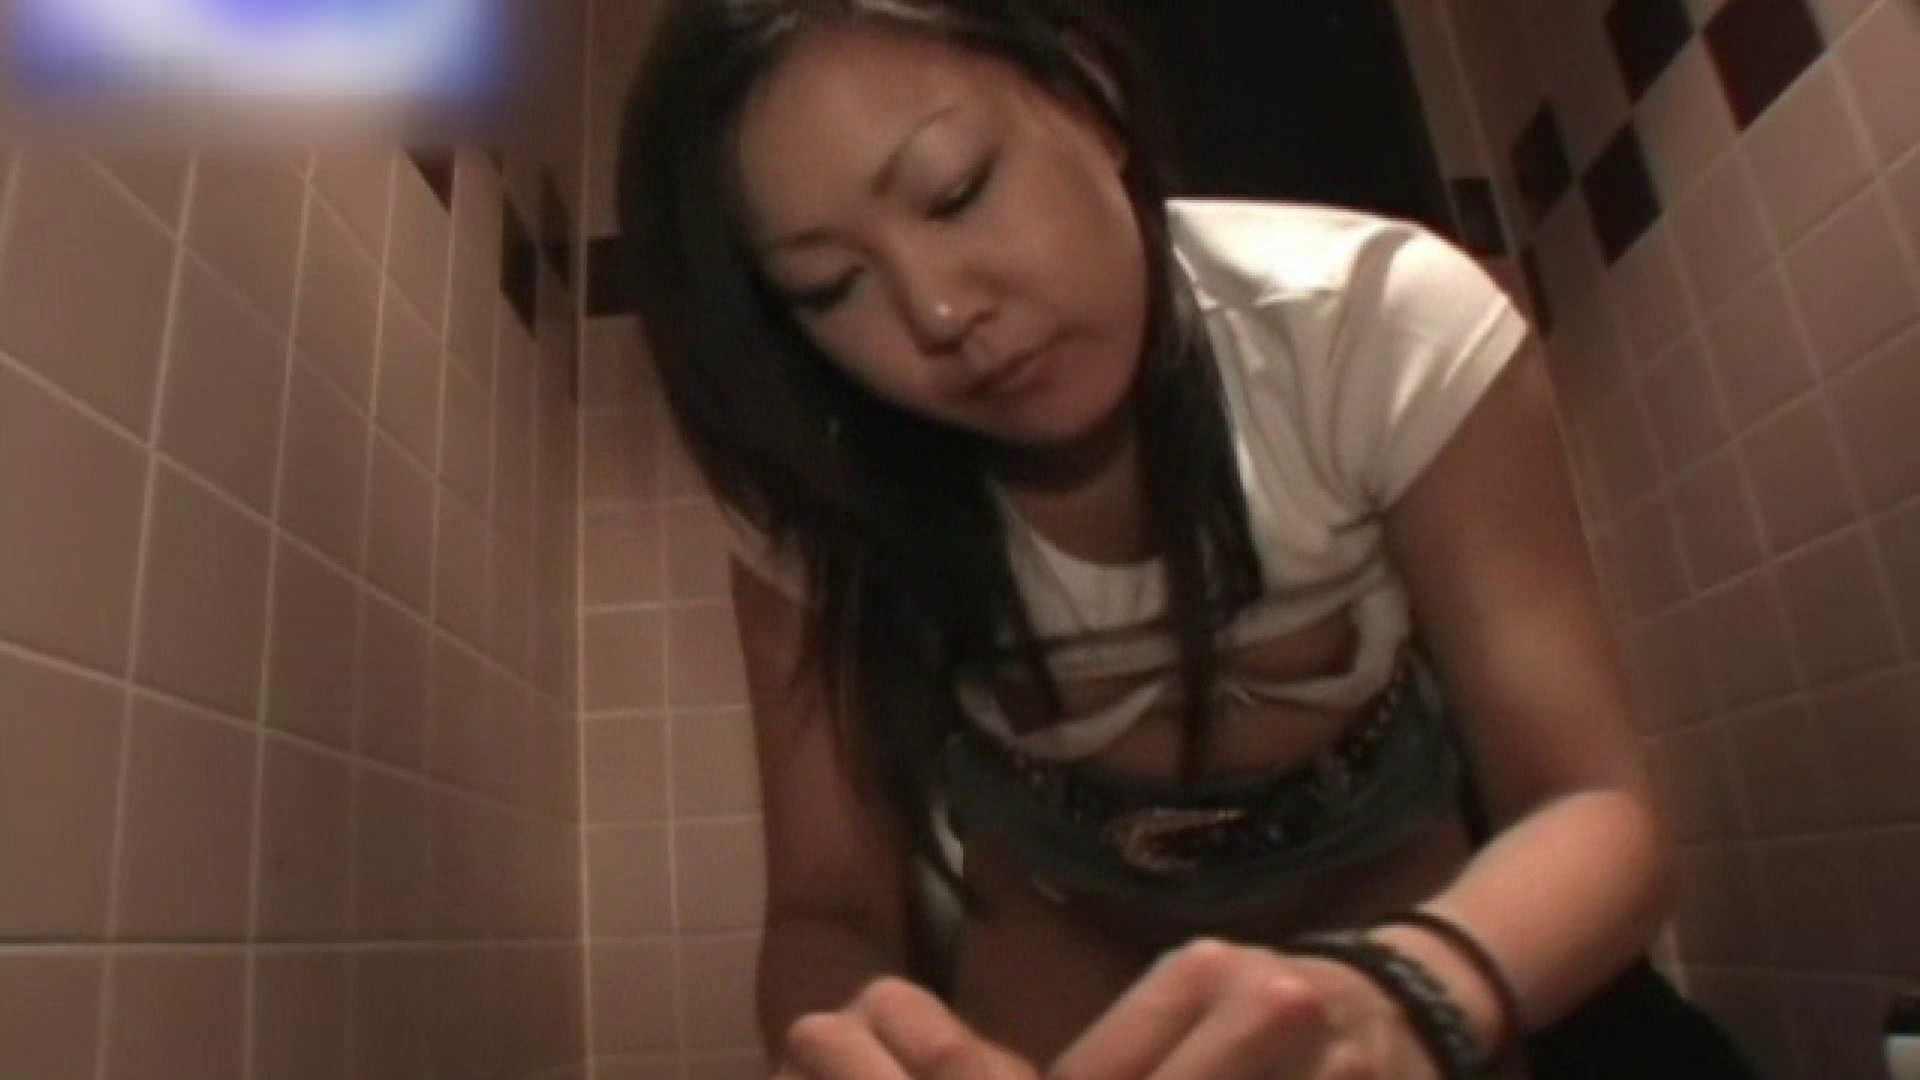 変態オナニー劇場 Vol.31 オナニーガール オマンコ動画キャプチャ 78PIX 19